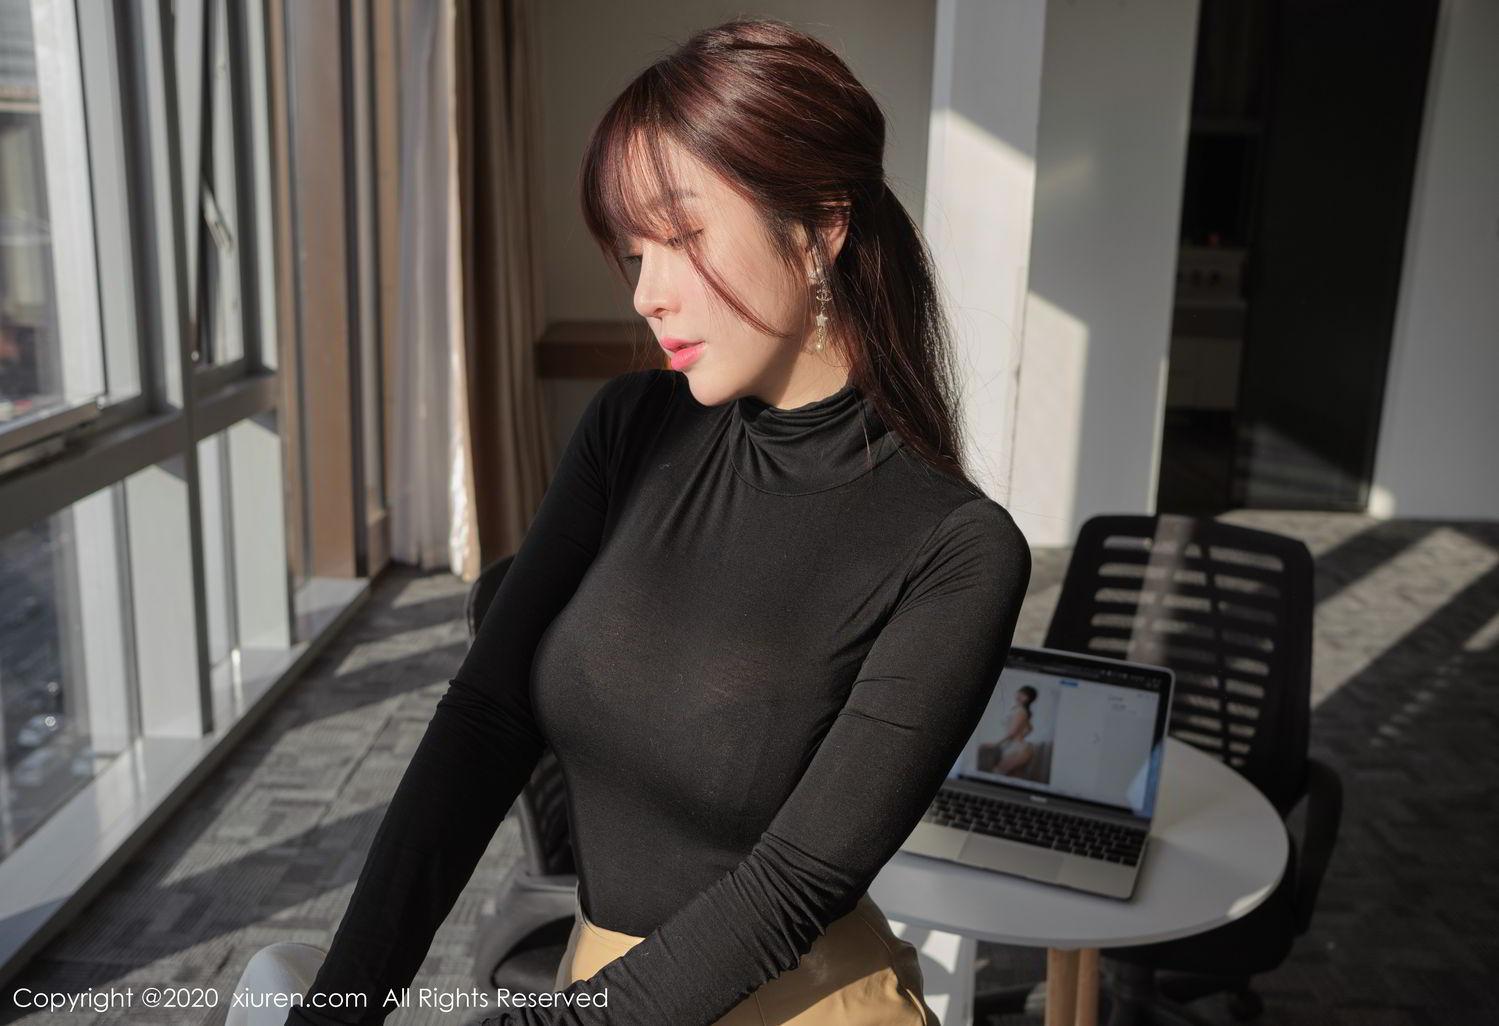 [XiuRen] Vol.2259 Wang Yu Chun 30P, Black Silk, Mature, Underwear, Wang Yu Chun, Xiuren